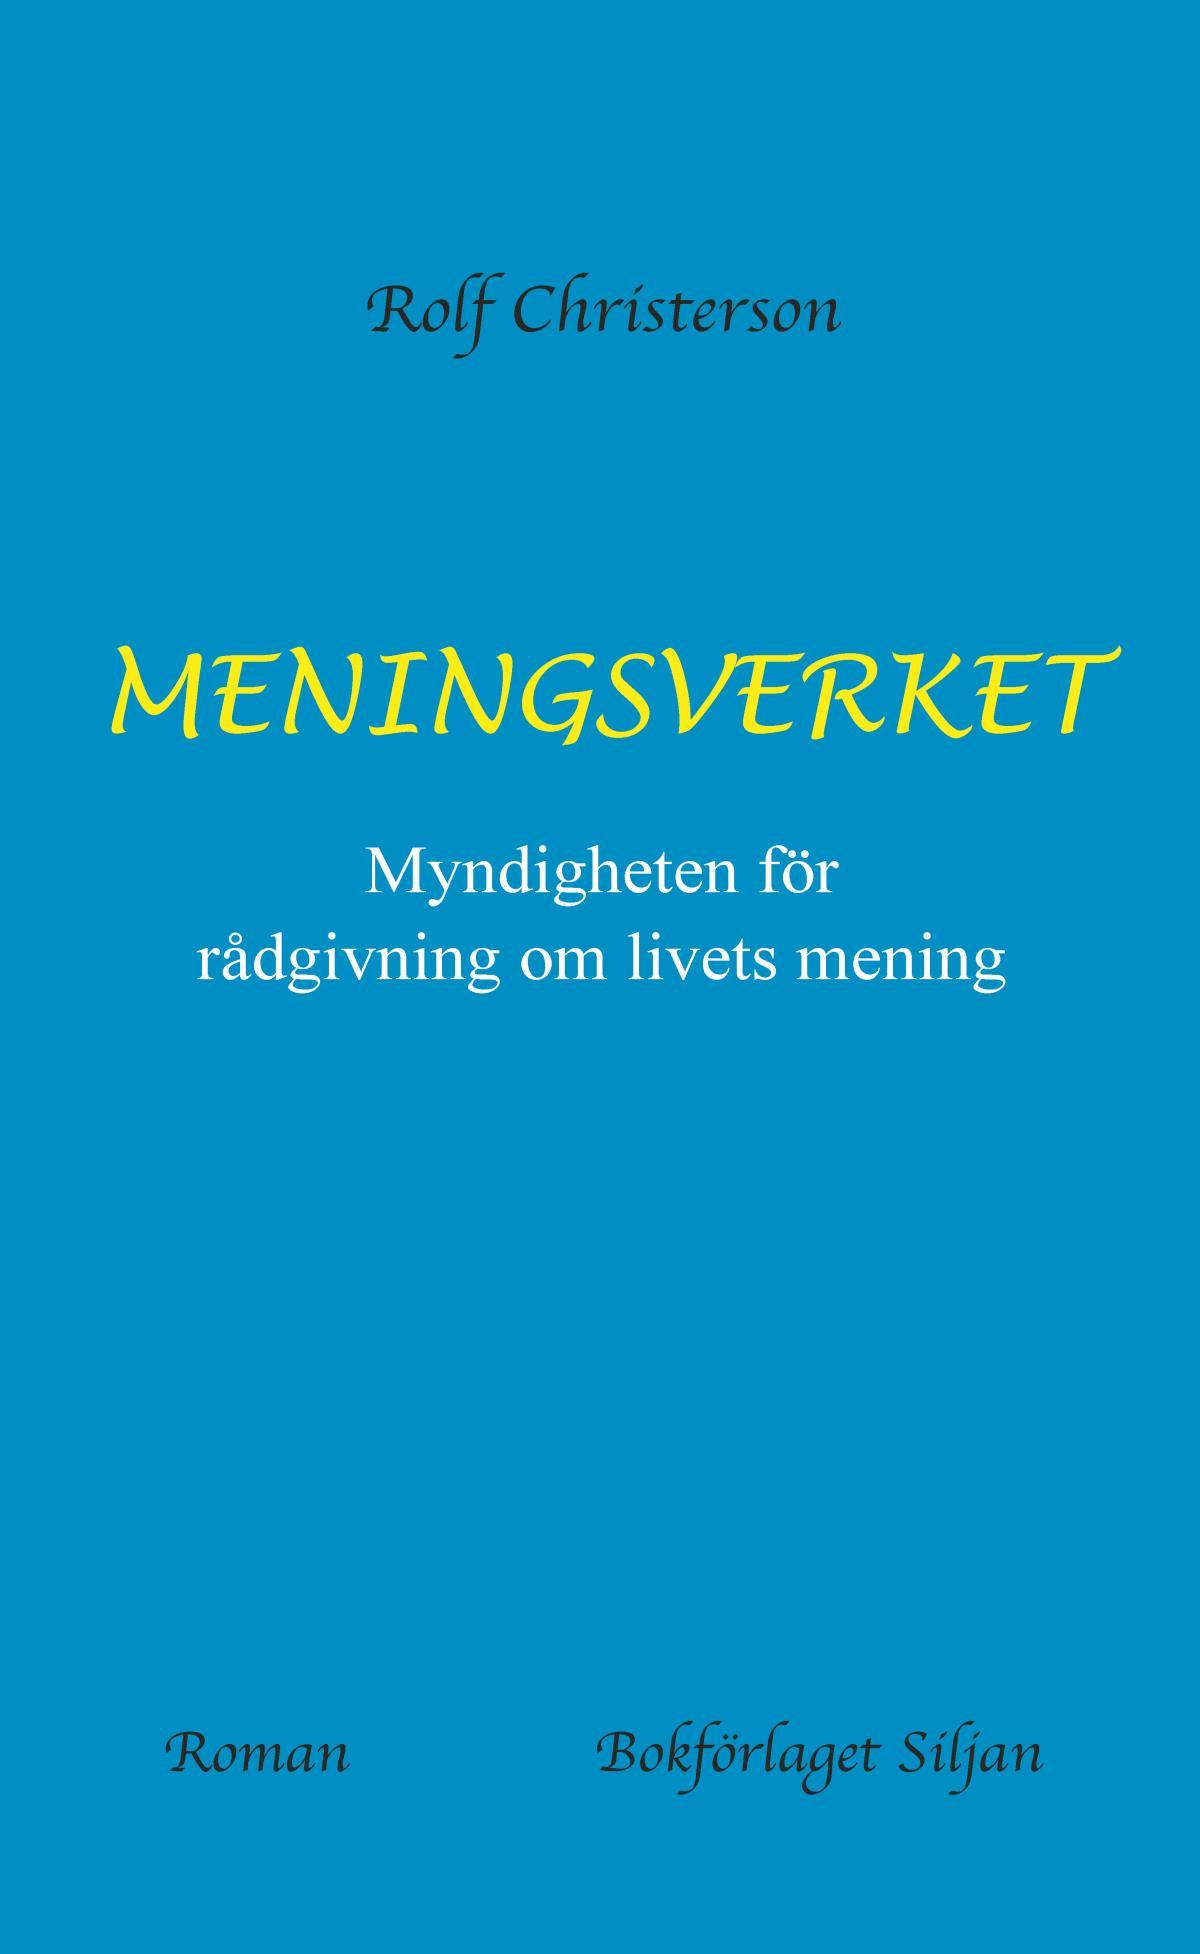 Meningsverket - Myndighetern För Rådgivning Om Livets Mening